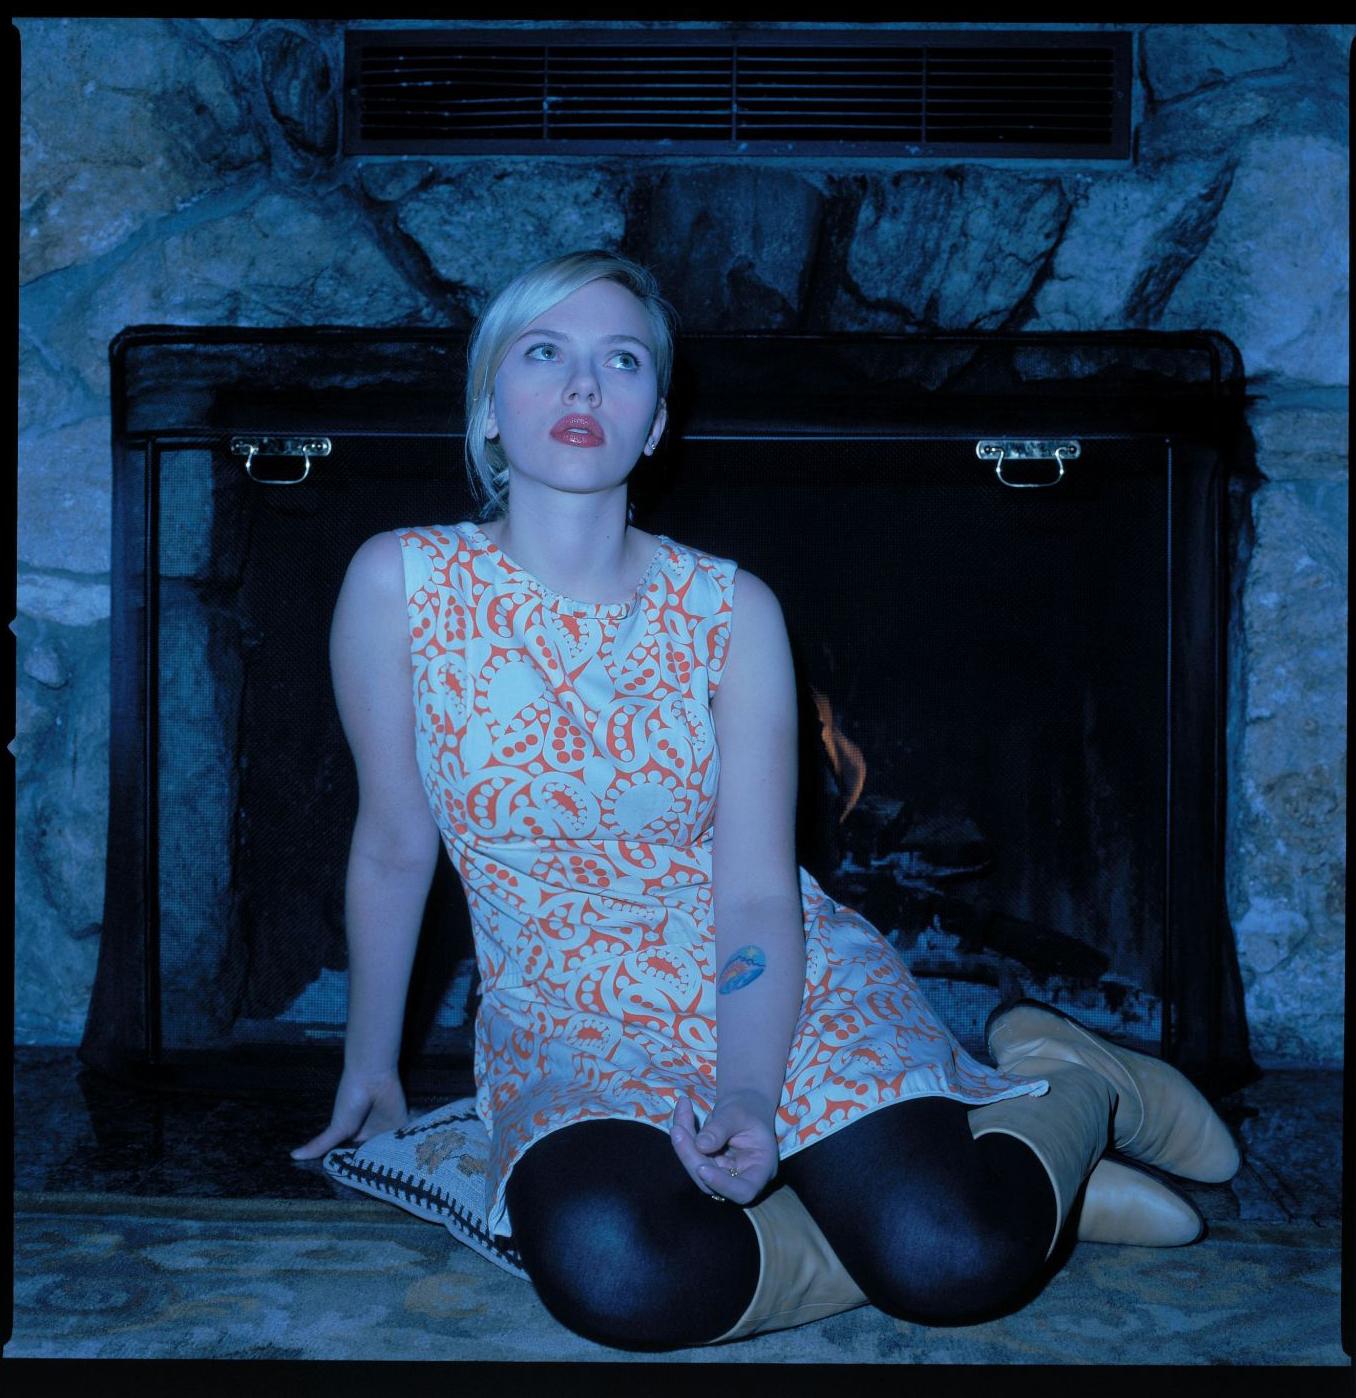 36531_Scarlett_Johansson3_122_212lo.jpg